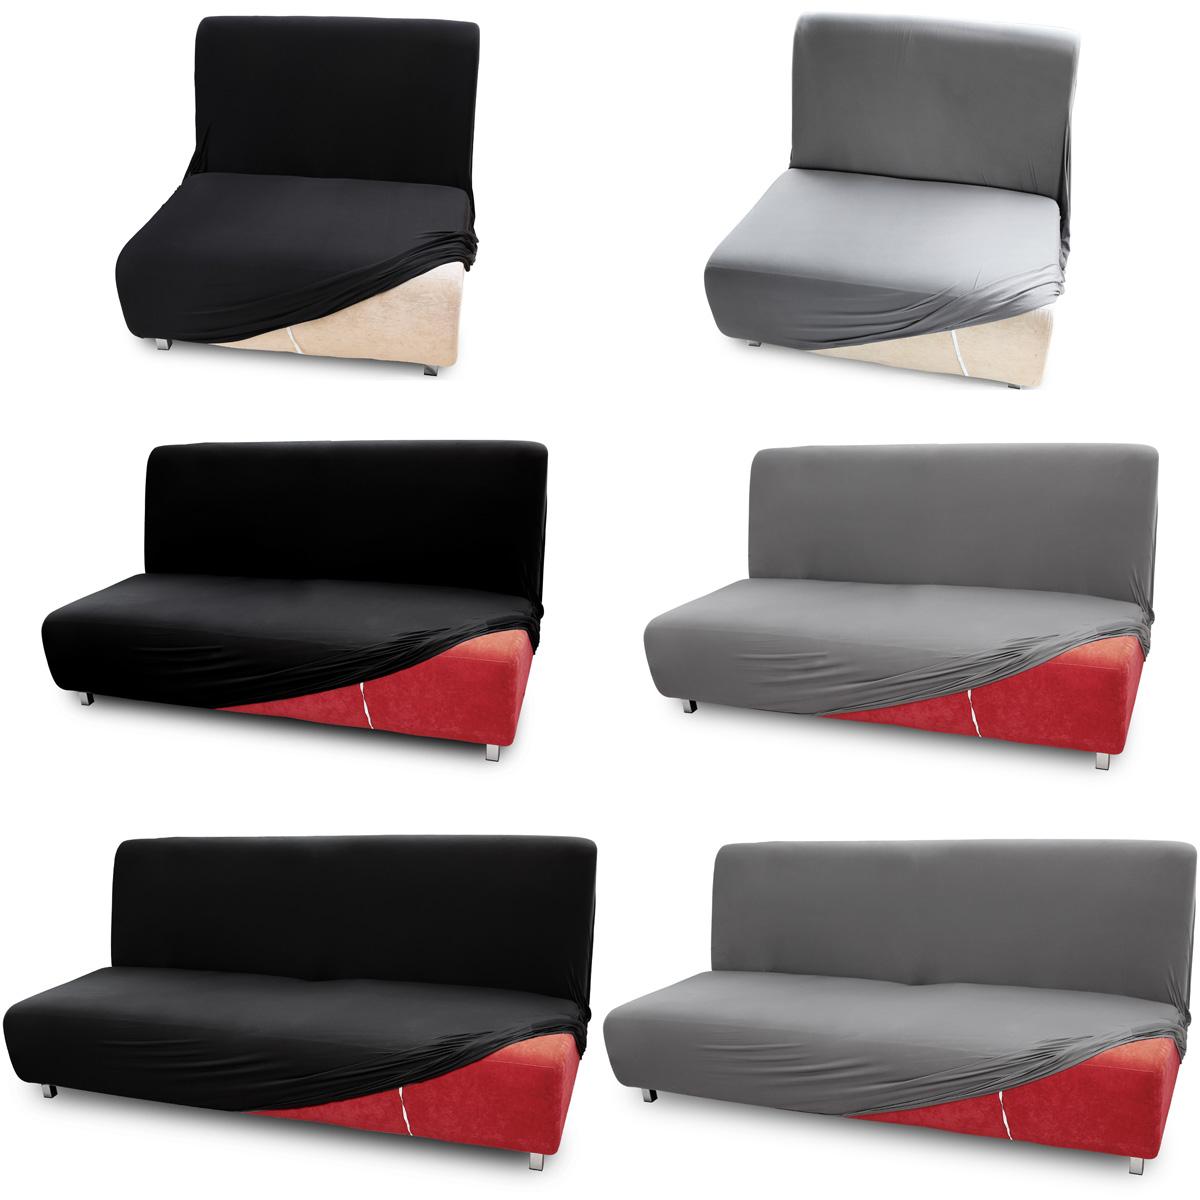 Fundas para sof s cama clic clac brazos de madera funda - Telas para fundas de sofa ...